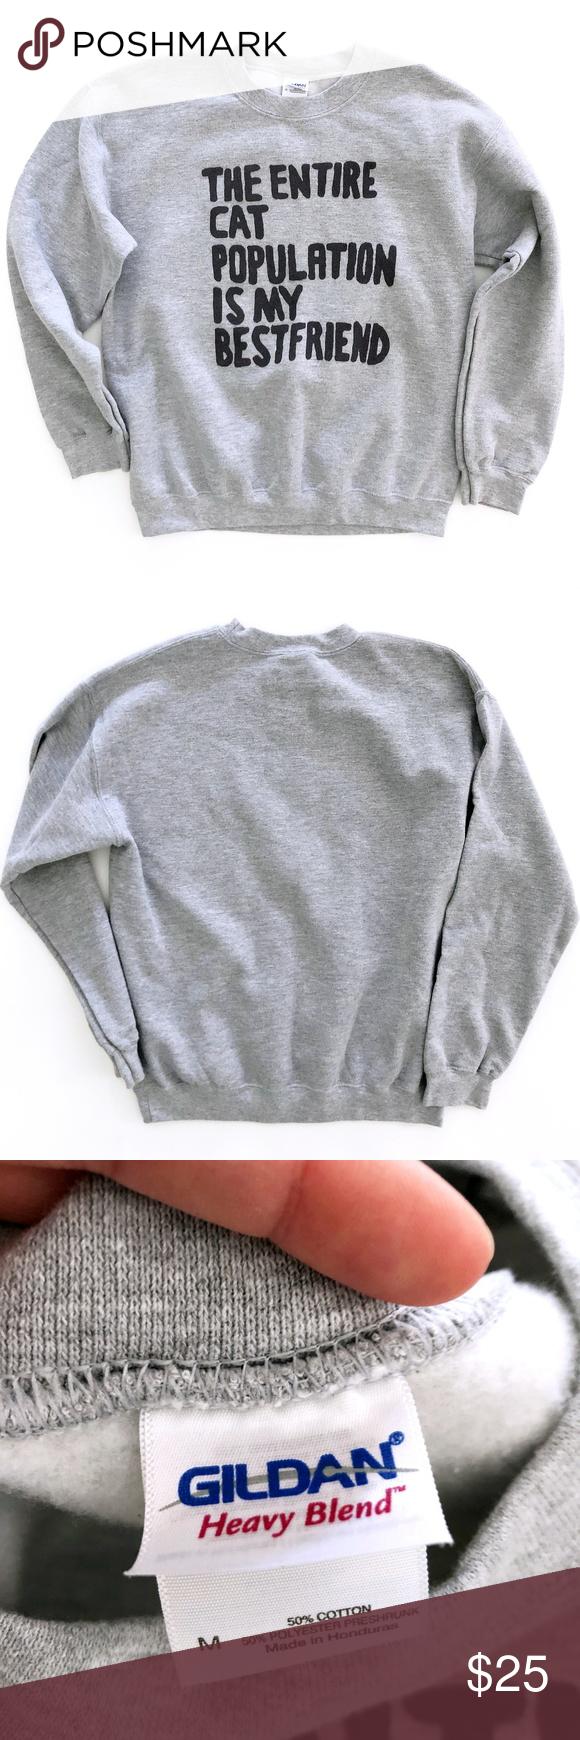 Cat Best Friend Women S Sweatshirt Sweater Medium In 2020 Sweatshirts Women Sweatshirt Sweater Printed Sweater [ 1740 x 580 Pixel ]